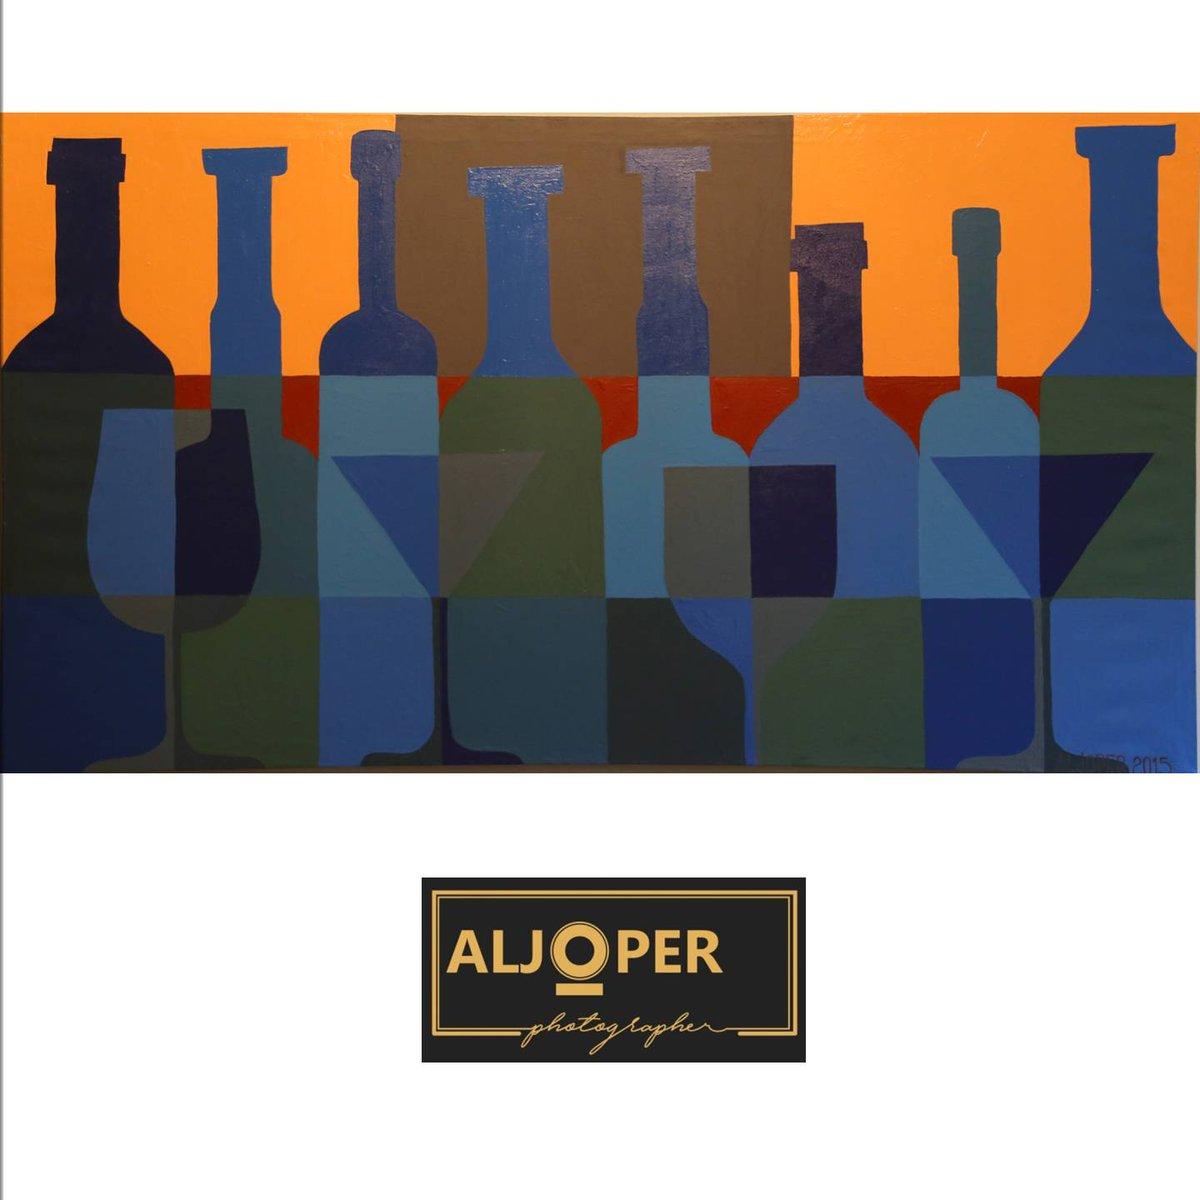 Obra de arte. Técnica: Acrílico sobre lienzo. @Aljoper #UnAlJoper #Aljoper #Aljoper2020 #ObraDeArte #ArteVenezolano #RegalaArte #CompraArte pic.twitter.com/yqP6XhKUAo